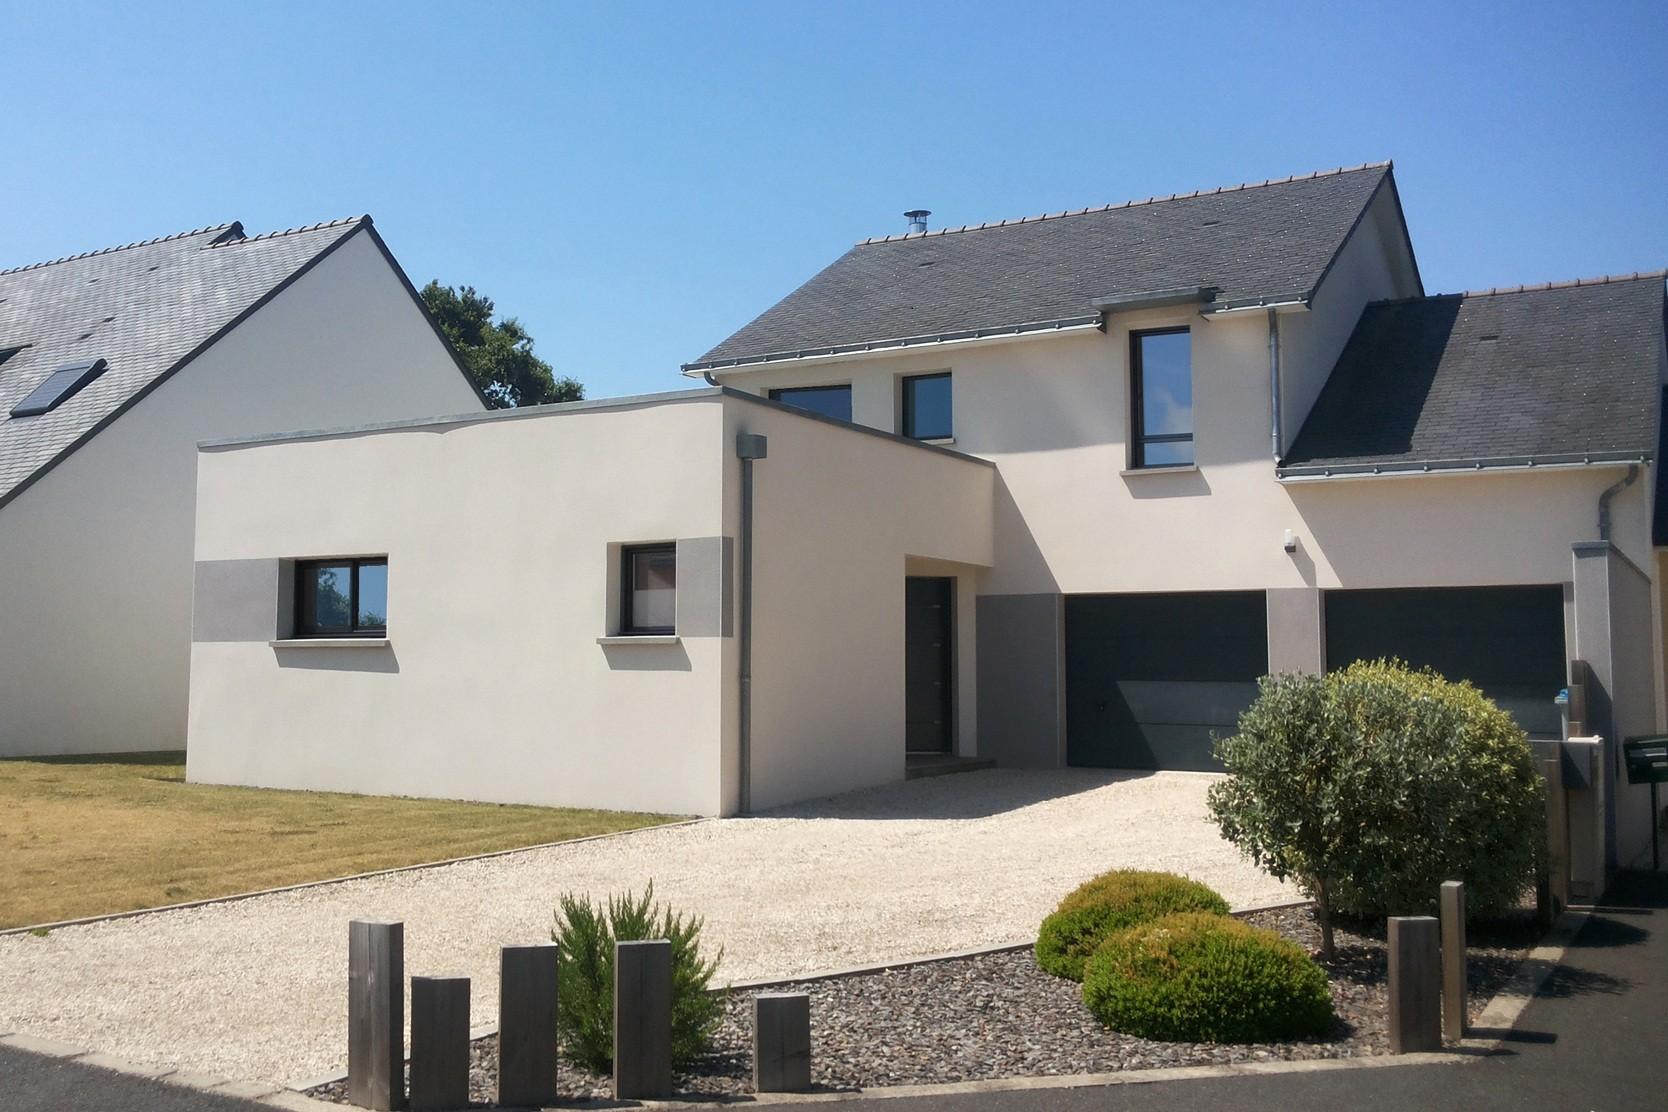 Maisons + Terrains du constructeur MAISON FAMILIALE RENNES • 130 m² • ERCE PRES LIFFRE